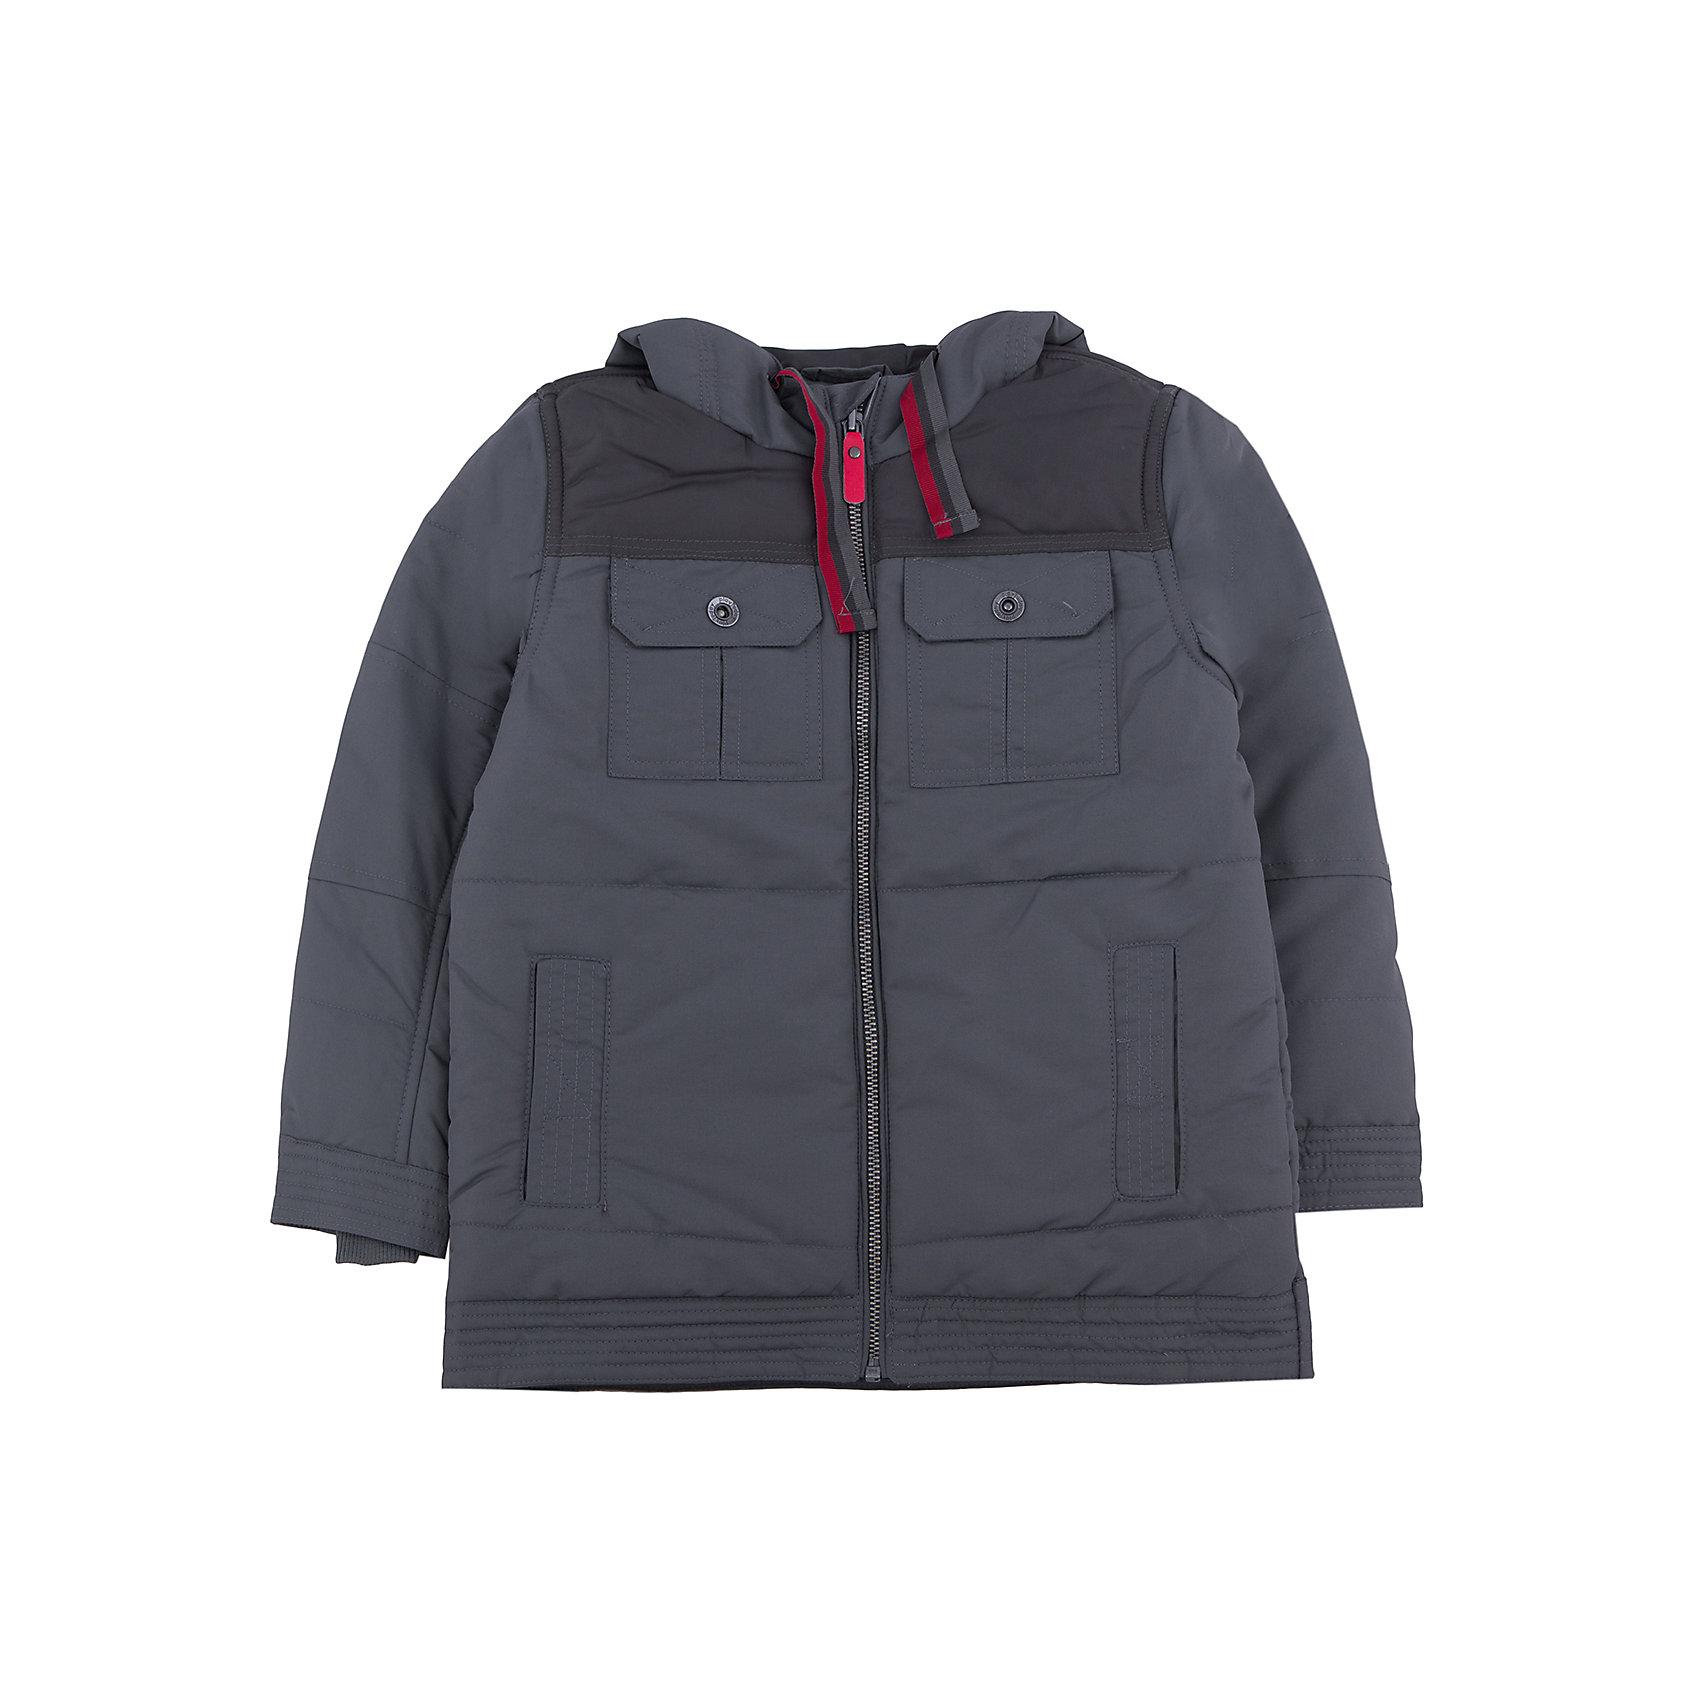 Куртка для мальчика PlayTodayДемисезонные куртки<br>Куртка для мальчика от известного бренда PlayToday.<br>Стильная куртка графитового цвета. Застегивается на молнию с защитой подбородка, есть 4 функциональных кармана. Капюшон утягивается шнурком.<br>Состав:<br>Верх: 100% полиэстер, Подкладка: 100% полиэстер, Наполнитель: 100% полиэстер, 250 г/м2<br><br>Ширина мм: 356<br>Глубина мм: 10<br>Высота мм: 245<br>Вес г: 519<br>Цвет: серый<br>Возраст от месяцев: 24<br>Возраст до месяцев: 36<br>Пол: Мужской<br>Возраст: Детский<br>Размер: 98,122,104,128,116,110<br>SKU: 4896536